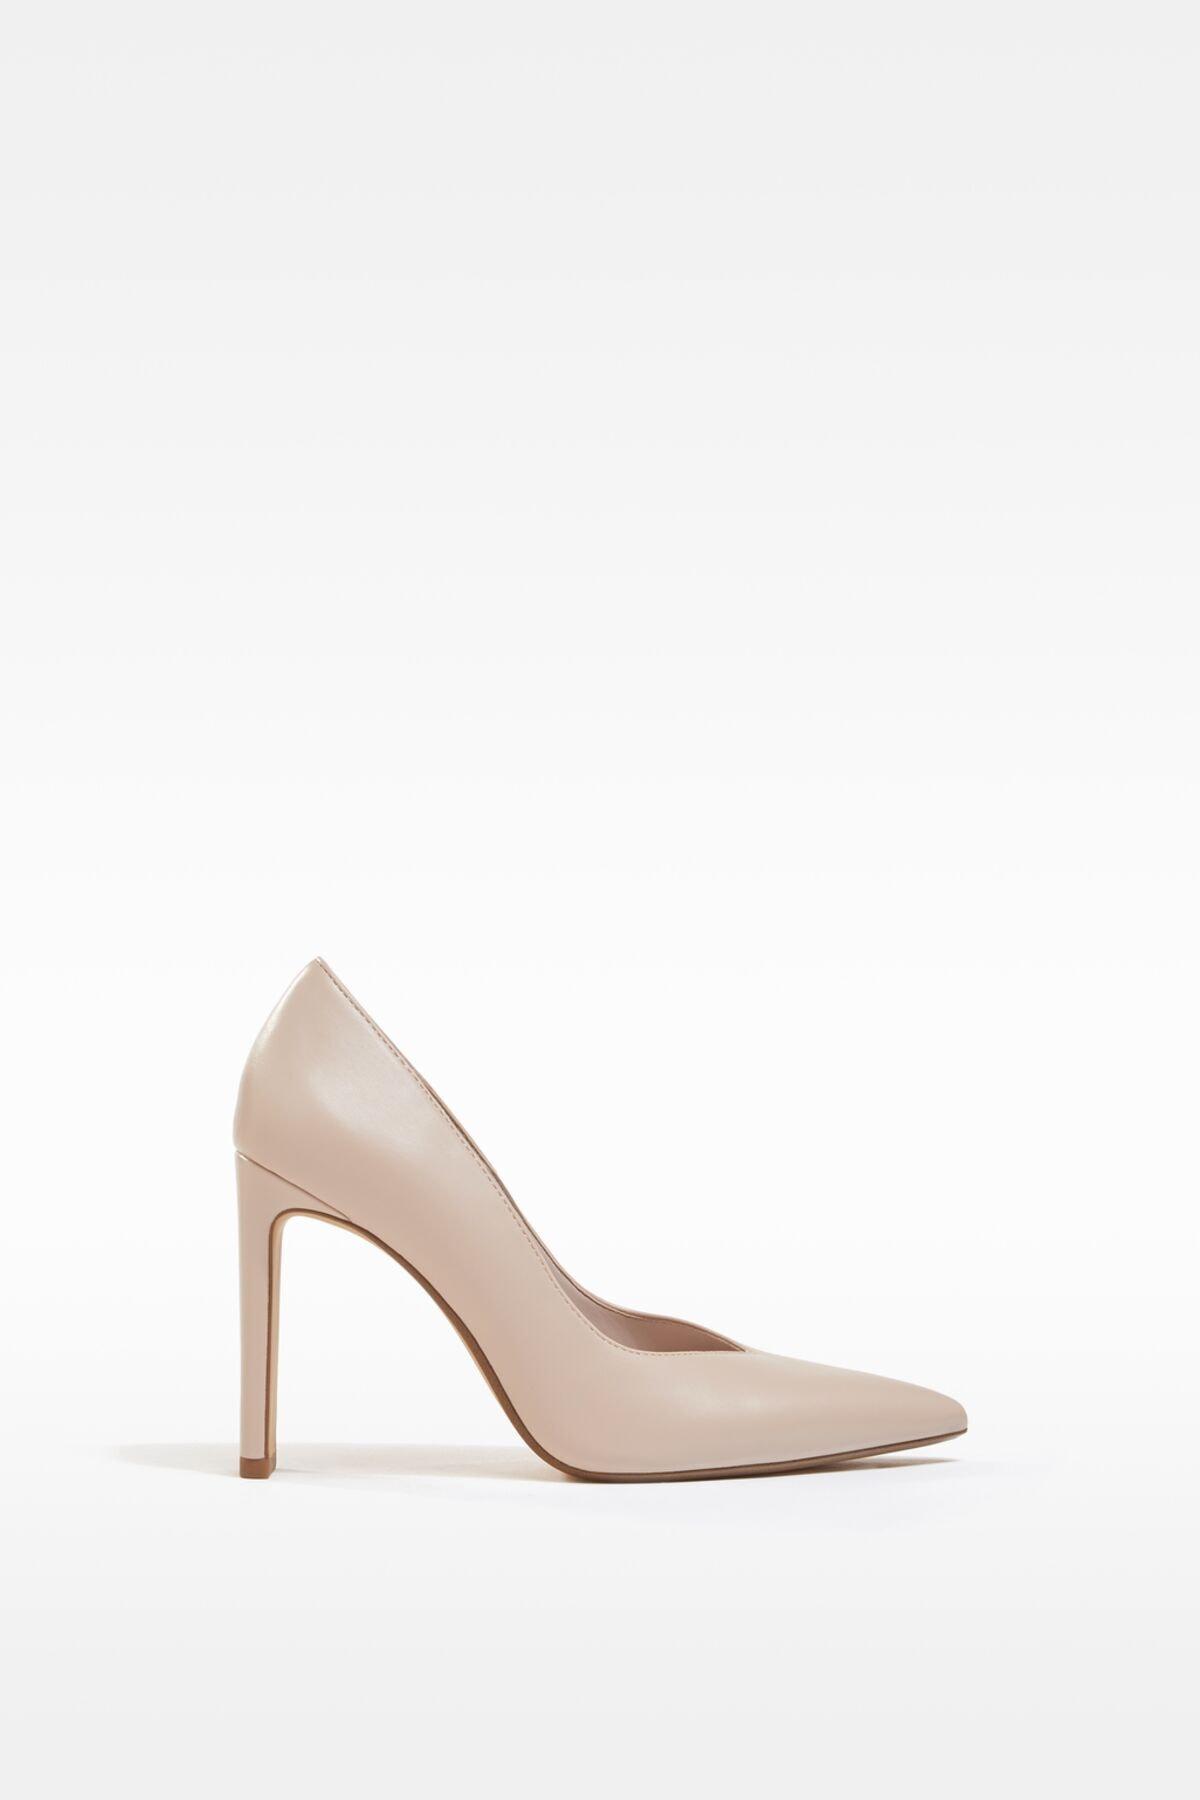 Bershka Kadın Bej V Kesim Topuklu Ayakkabı 11308760 0